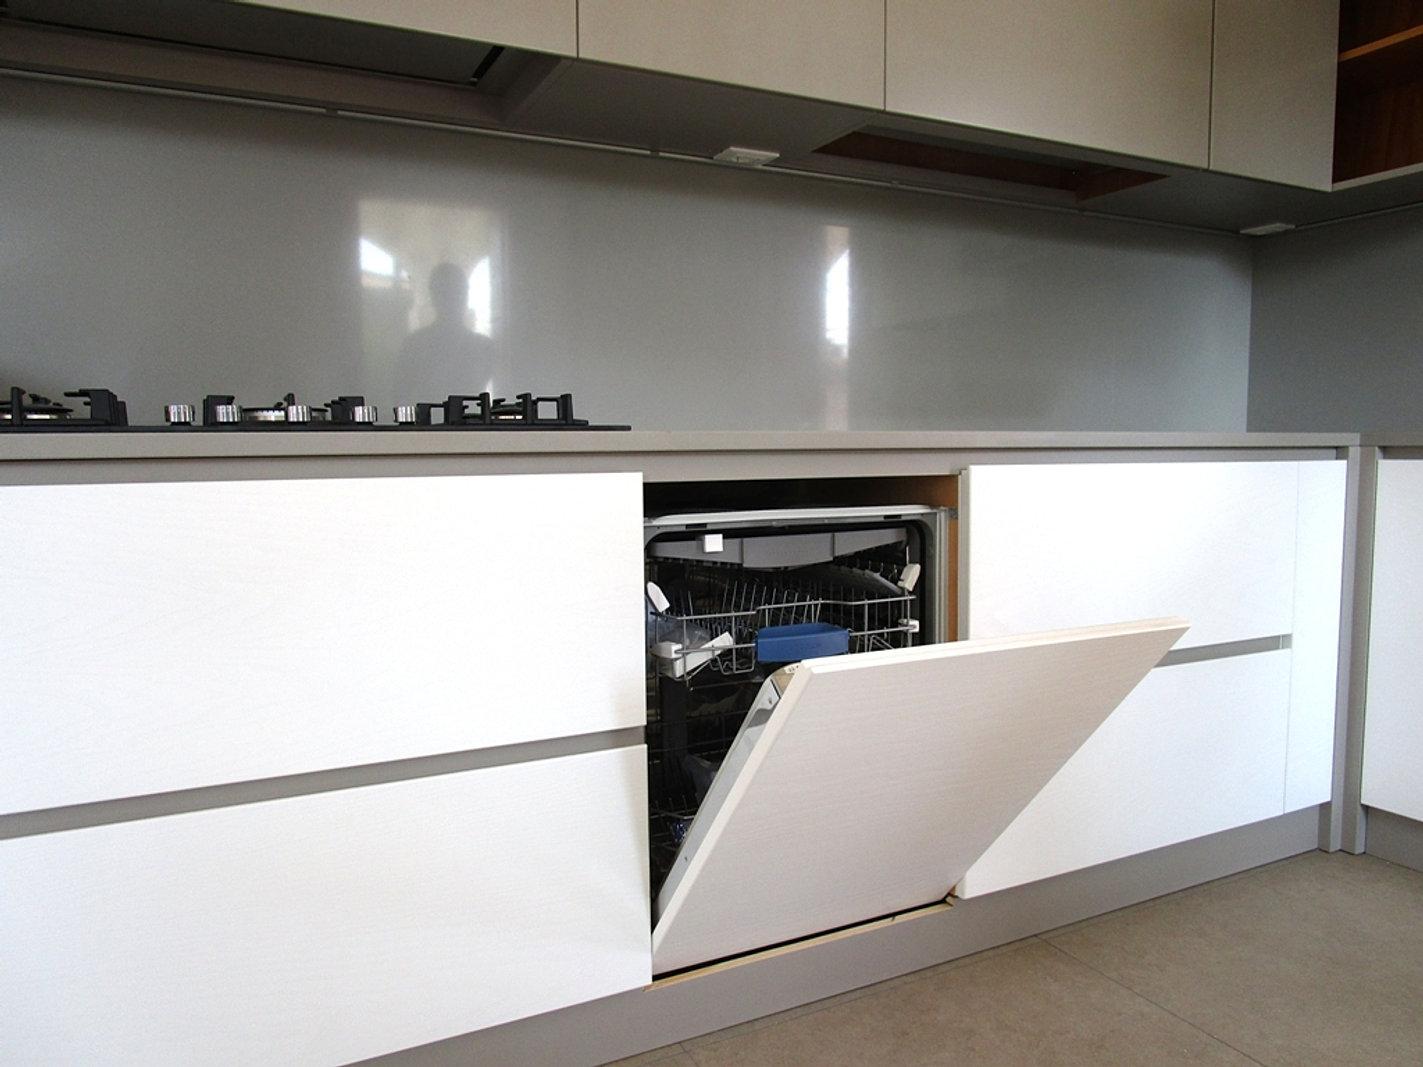 Pannelli tv angolare - Top cucina grigio ...